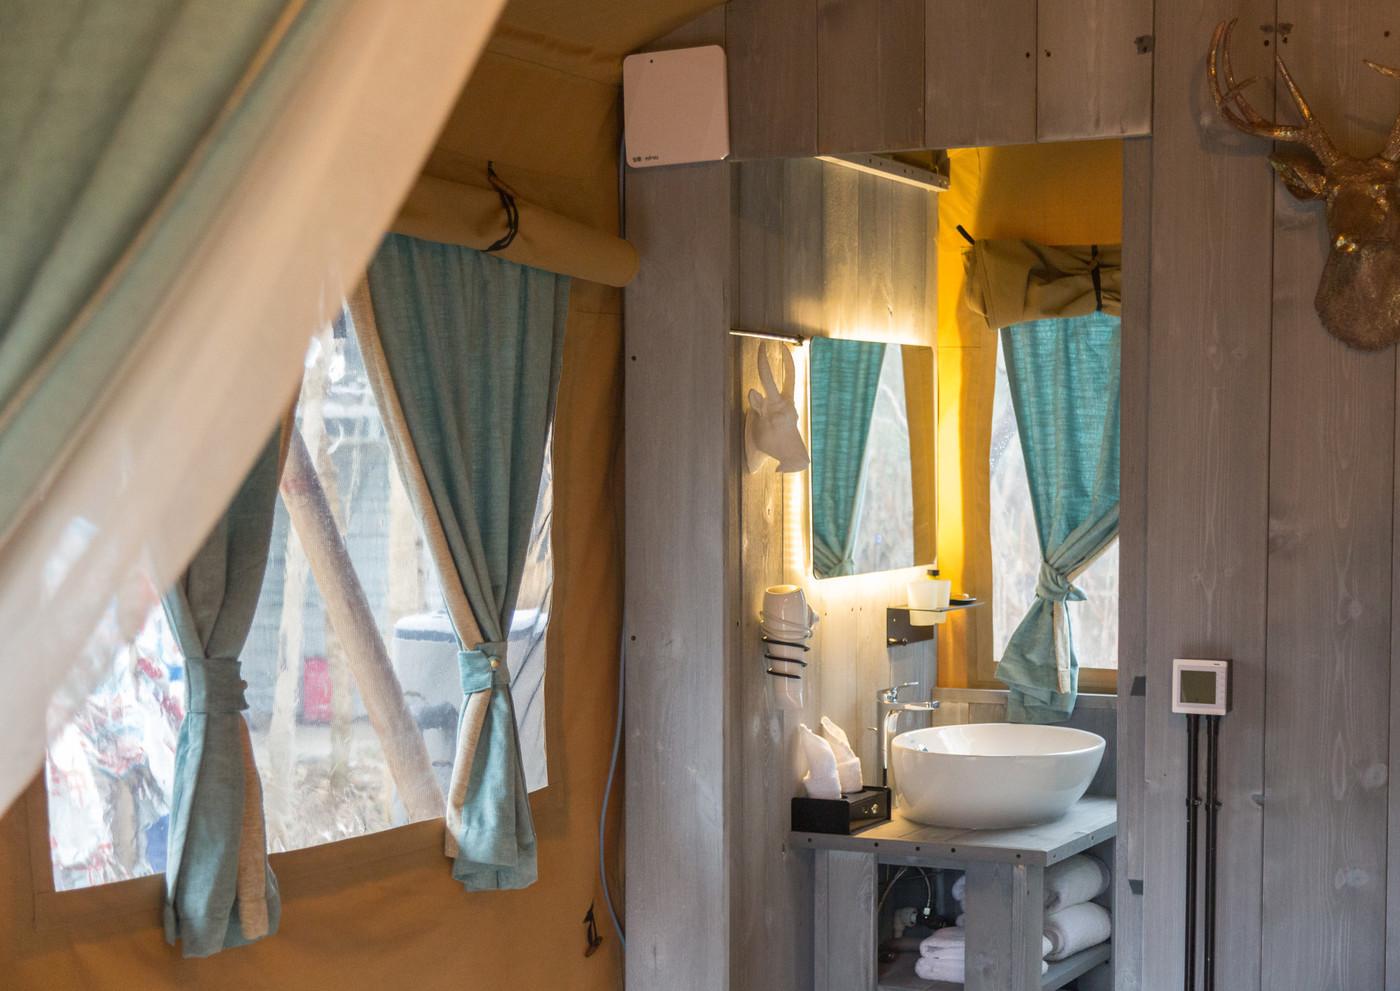 喜马拉雅上海迪士尼邻家营地子母房平地帐篷酒店24